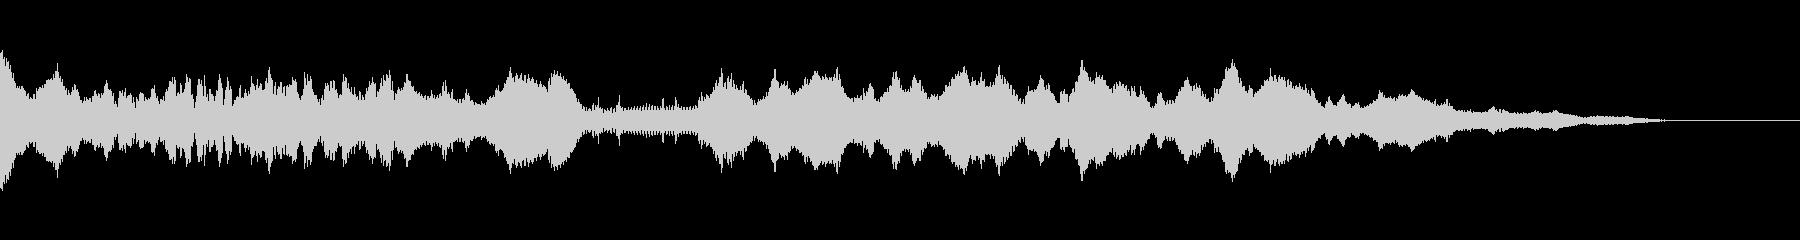 ランブル、アナログシンセの未再生の波形